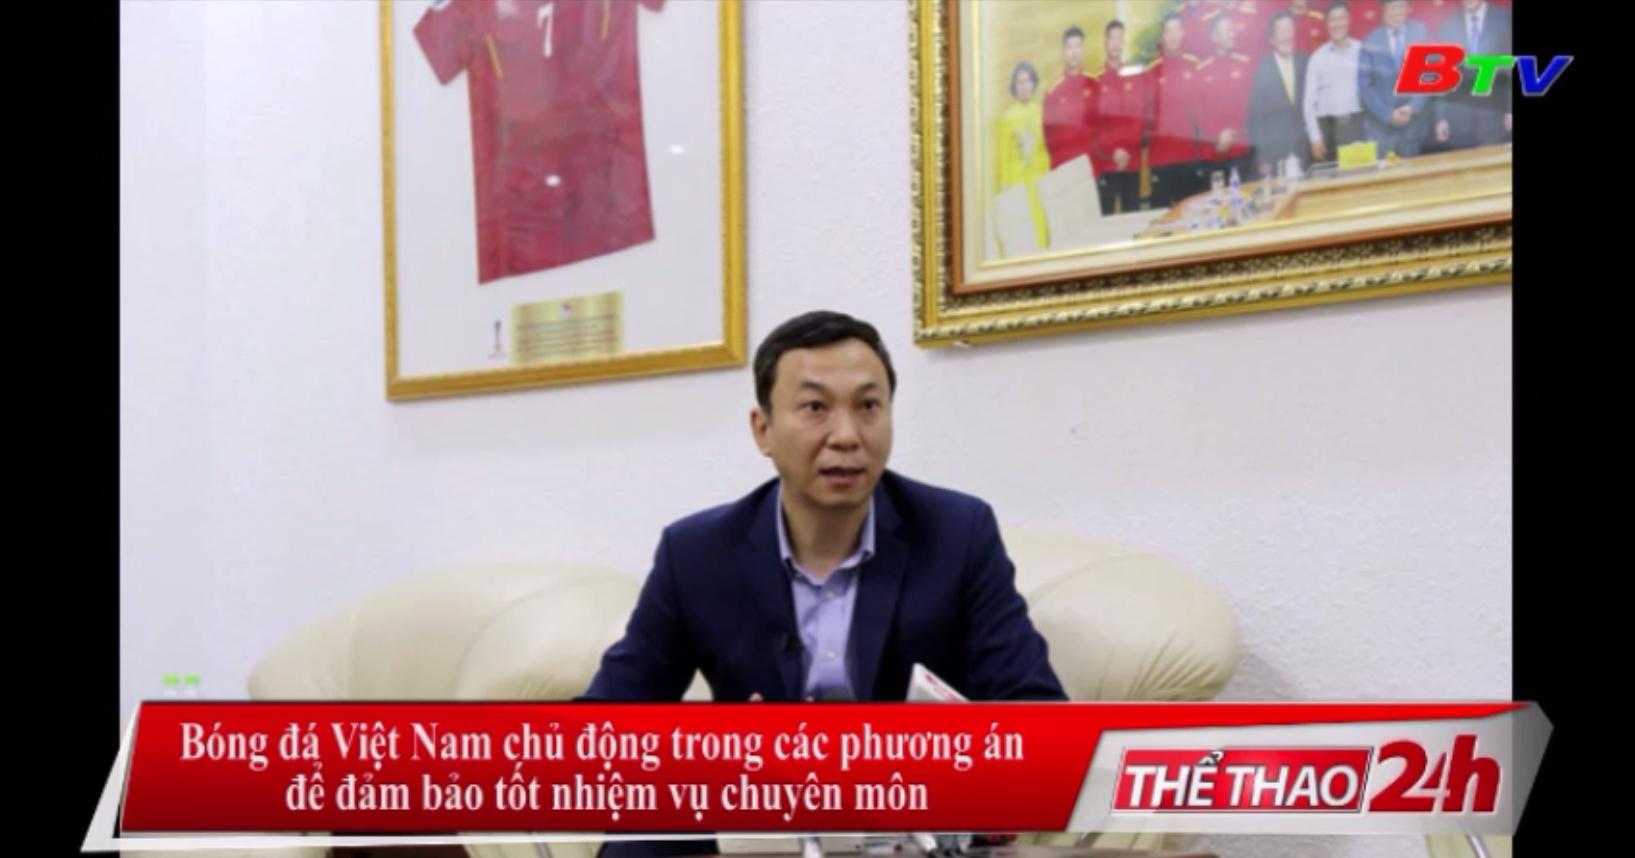 Bóng đá Việt Nam chủ động trong các phương án để đảm bảo tốt nhiệm vụ chuyên môn